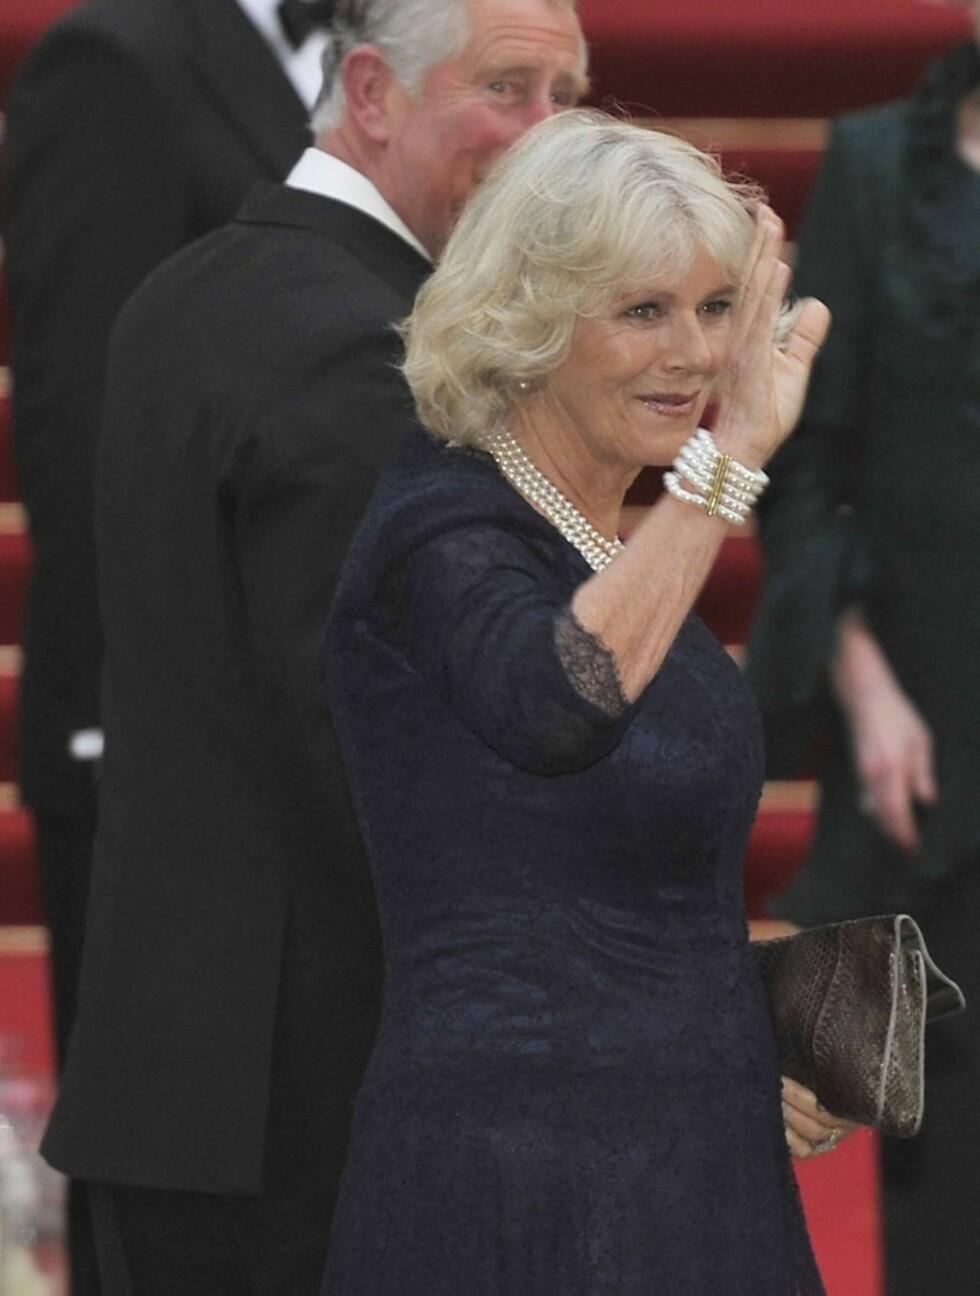 PÅ FEST: Prins Charles' kone, Camilla Parker Bowles. Foto: Stella Pictures